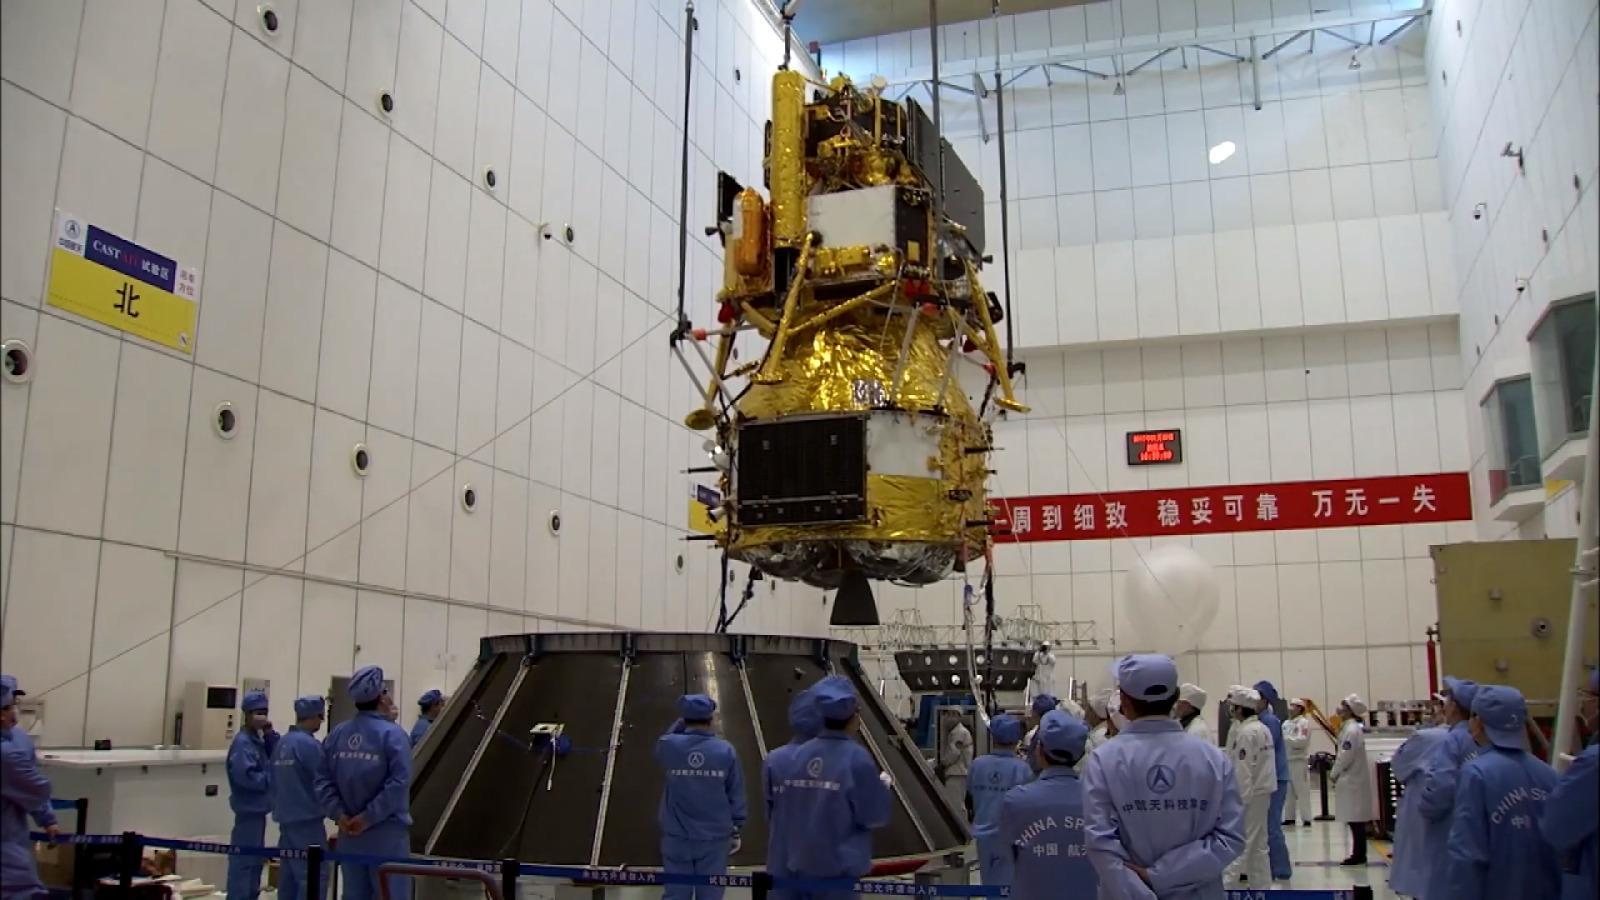 Geopolitica dello spazio: fotografia del modulo lunare della missione Chang'e 5 durante una prova di assemblaggio